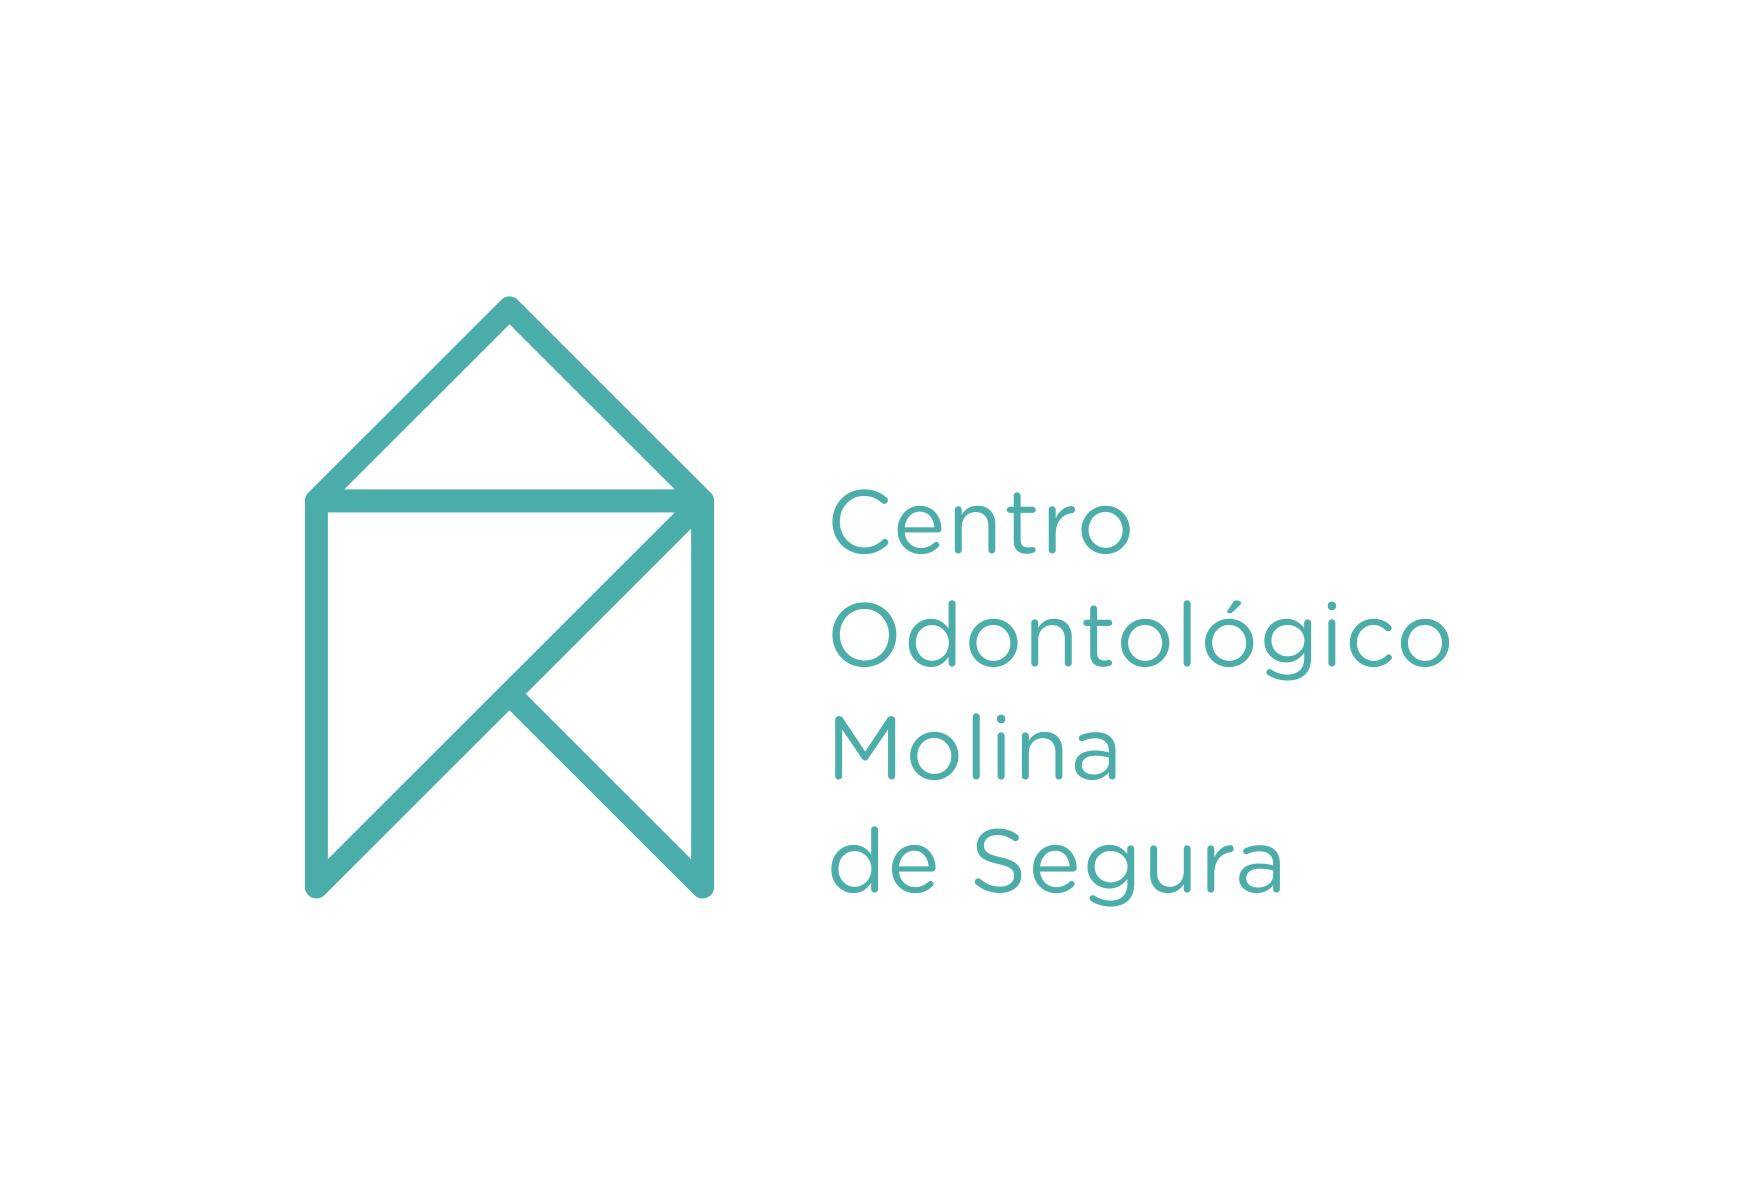 CENTRO ODONTOLÓGICO MOLINA DE SEGURA, S.L.P